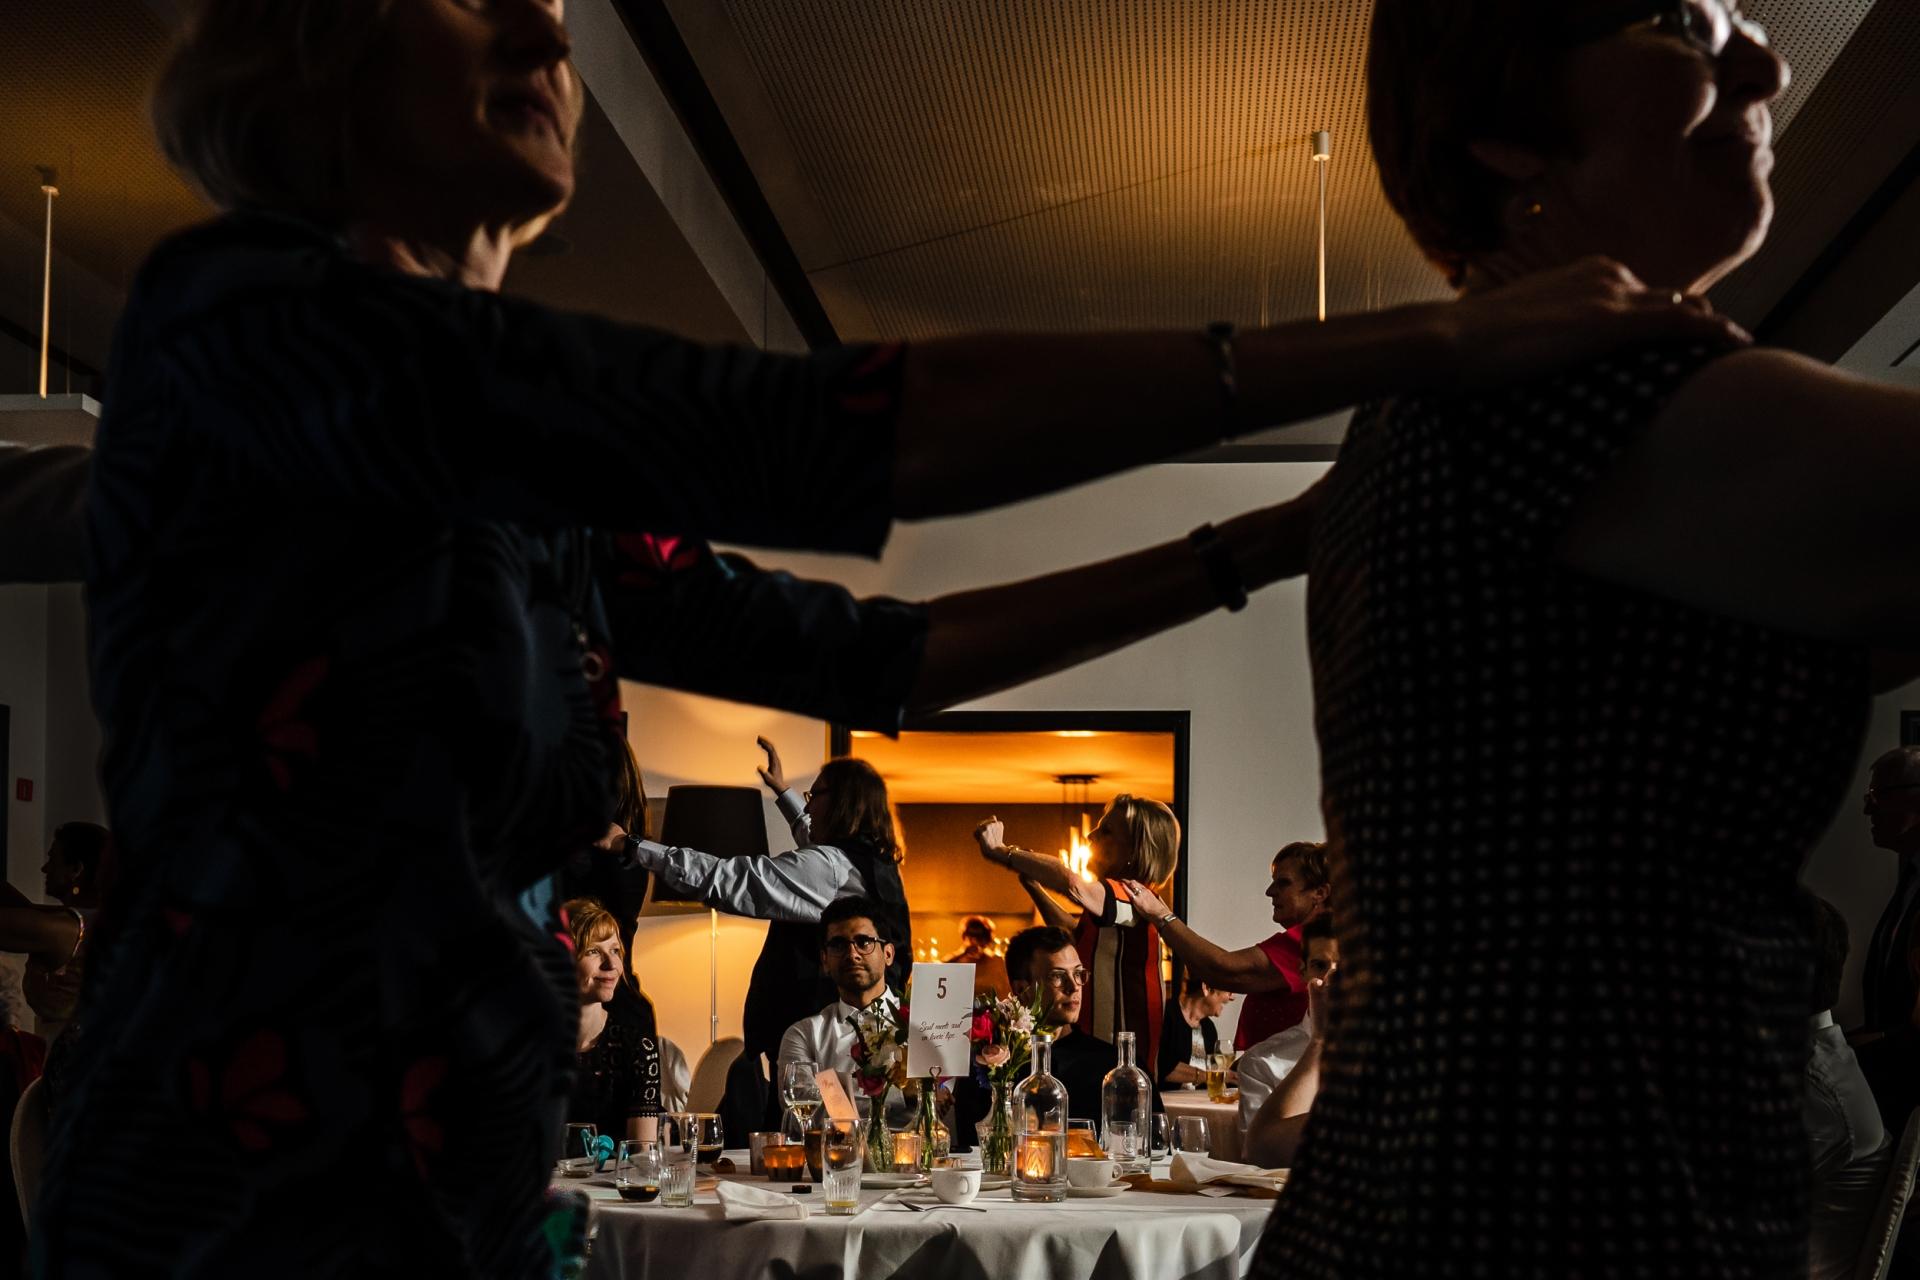 在接待處的這張婚禮照片中的情感和行動層。